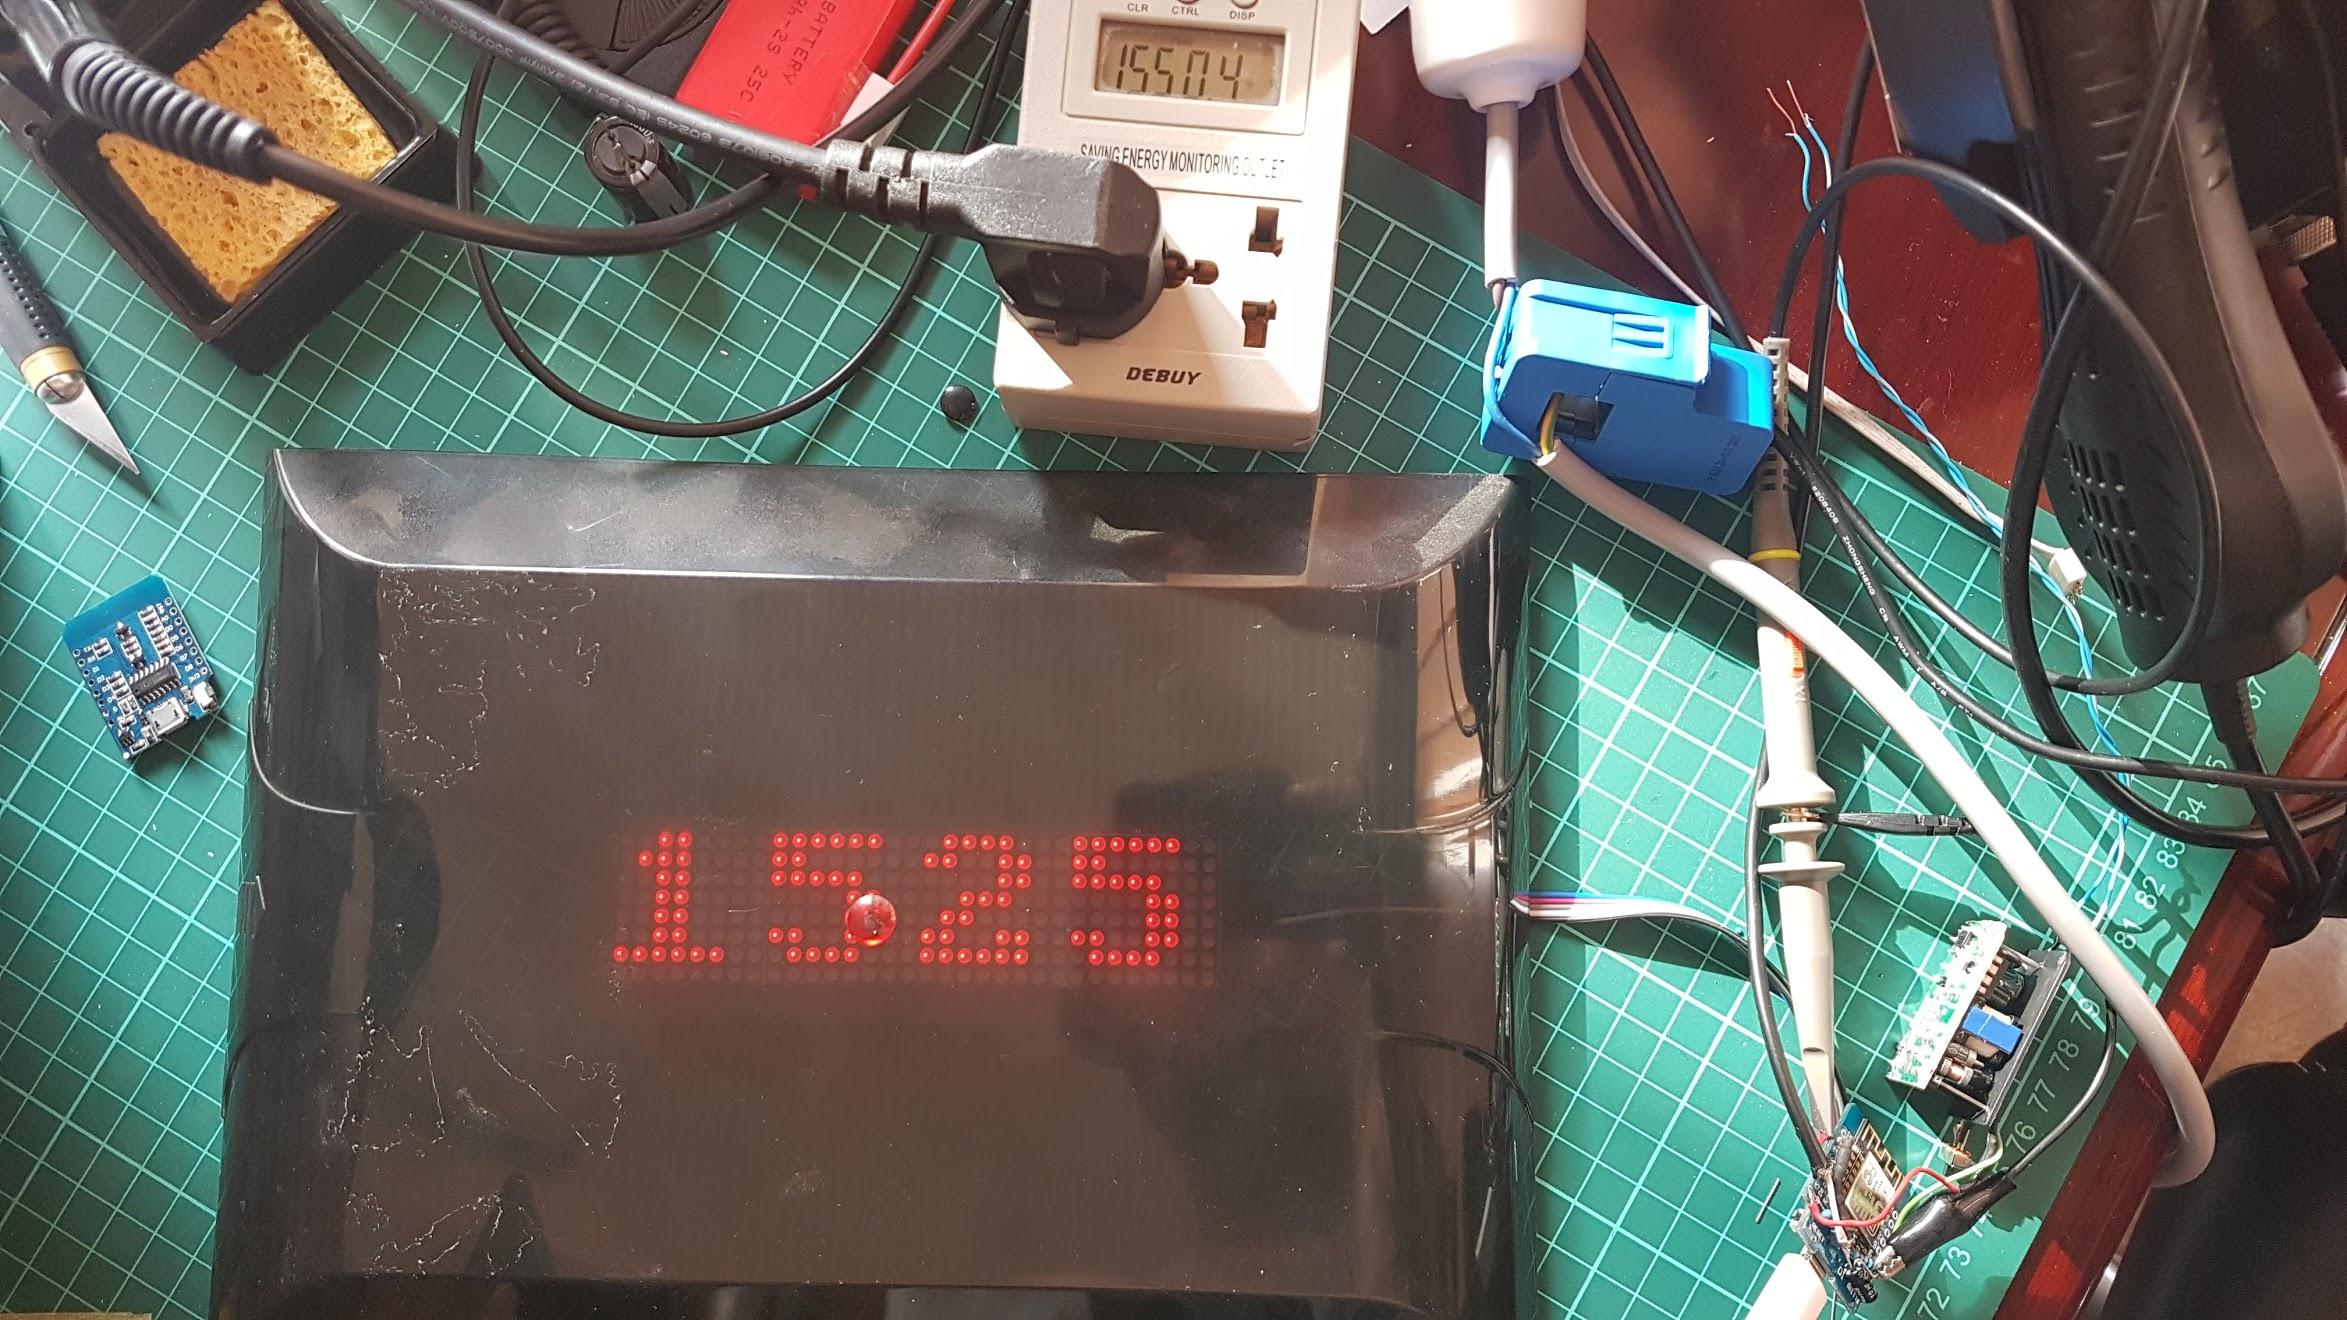 Energy monitor prototype